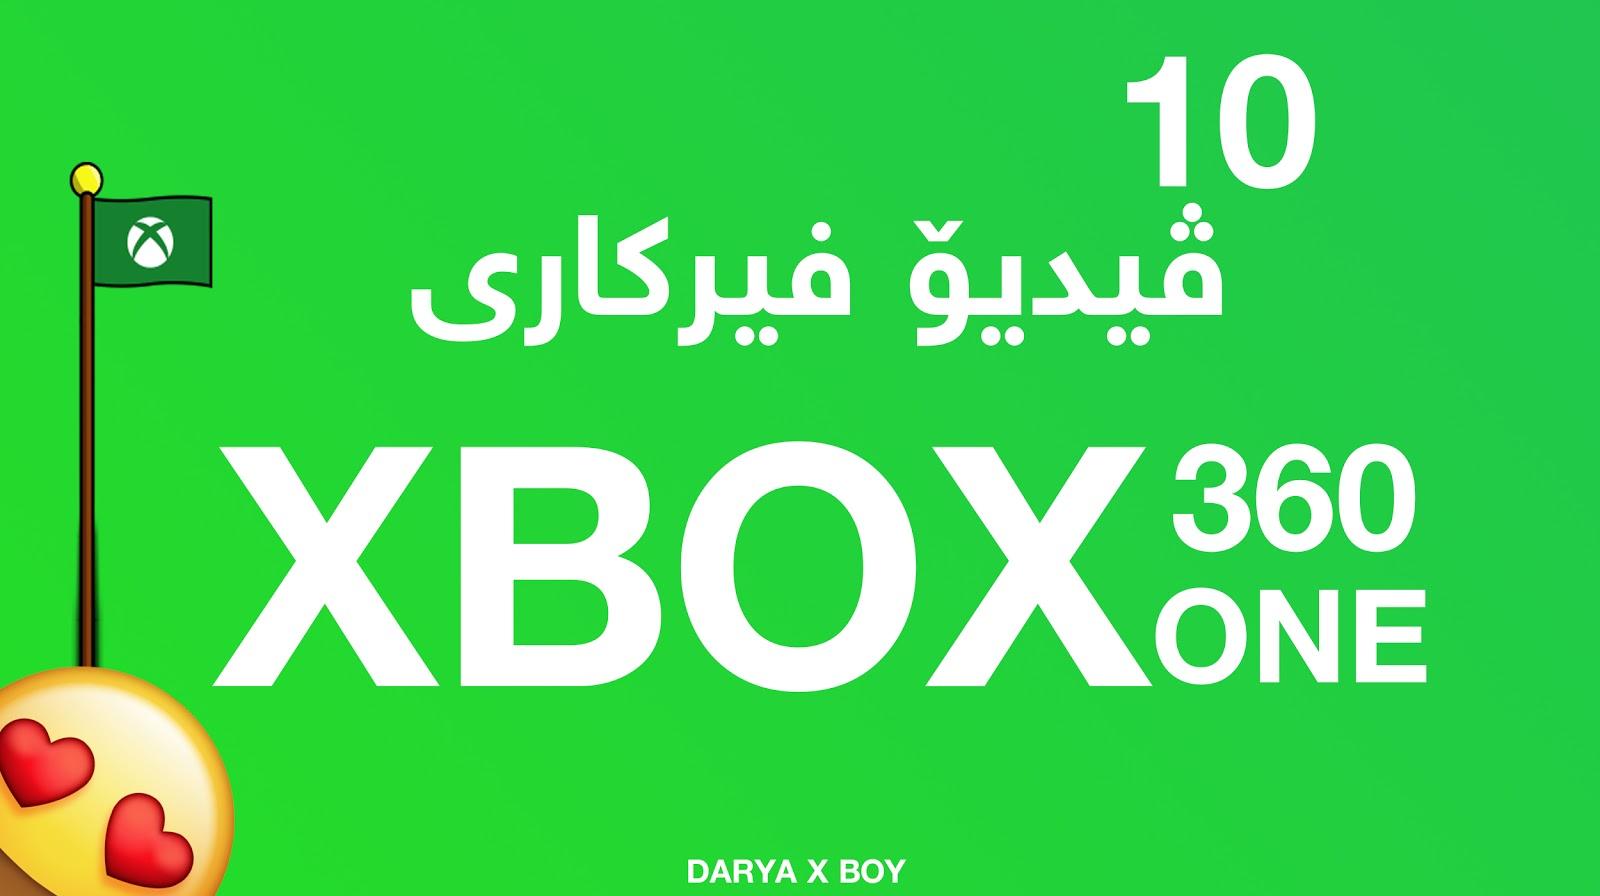 ١٠ ڤیدیۆ فێرکاری بەسود بۆ هەردوو کۆنسوڵی XBOX 360-ONE